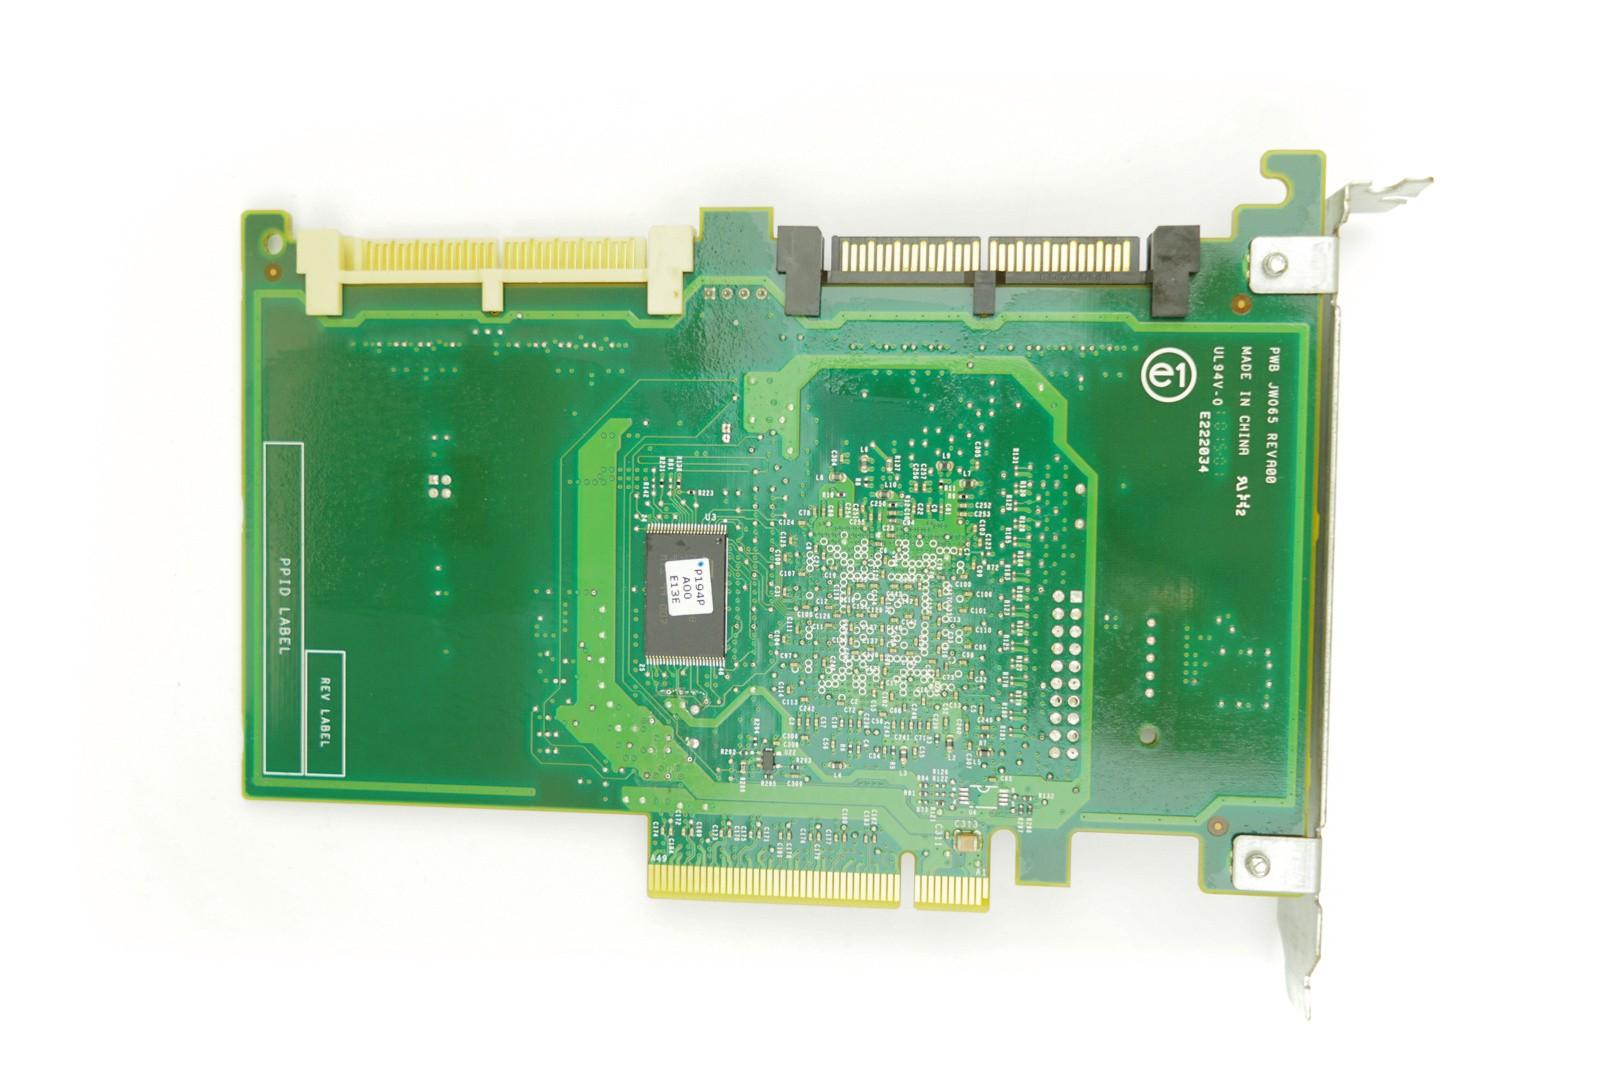 DELL S300 RAID CONTROLLER WINDOWS 7 64BIT DRIVER DOWNLOAD